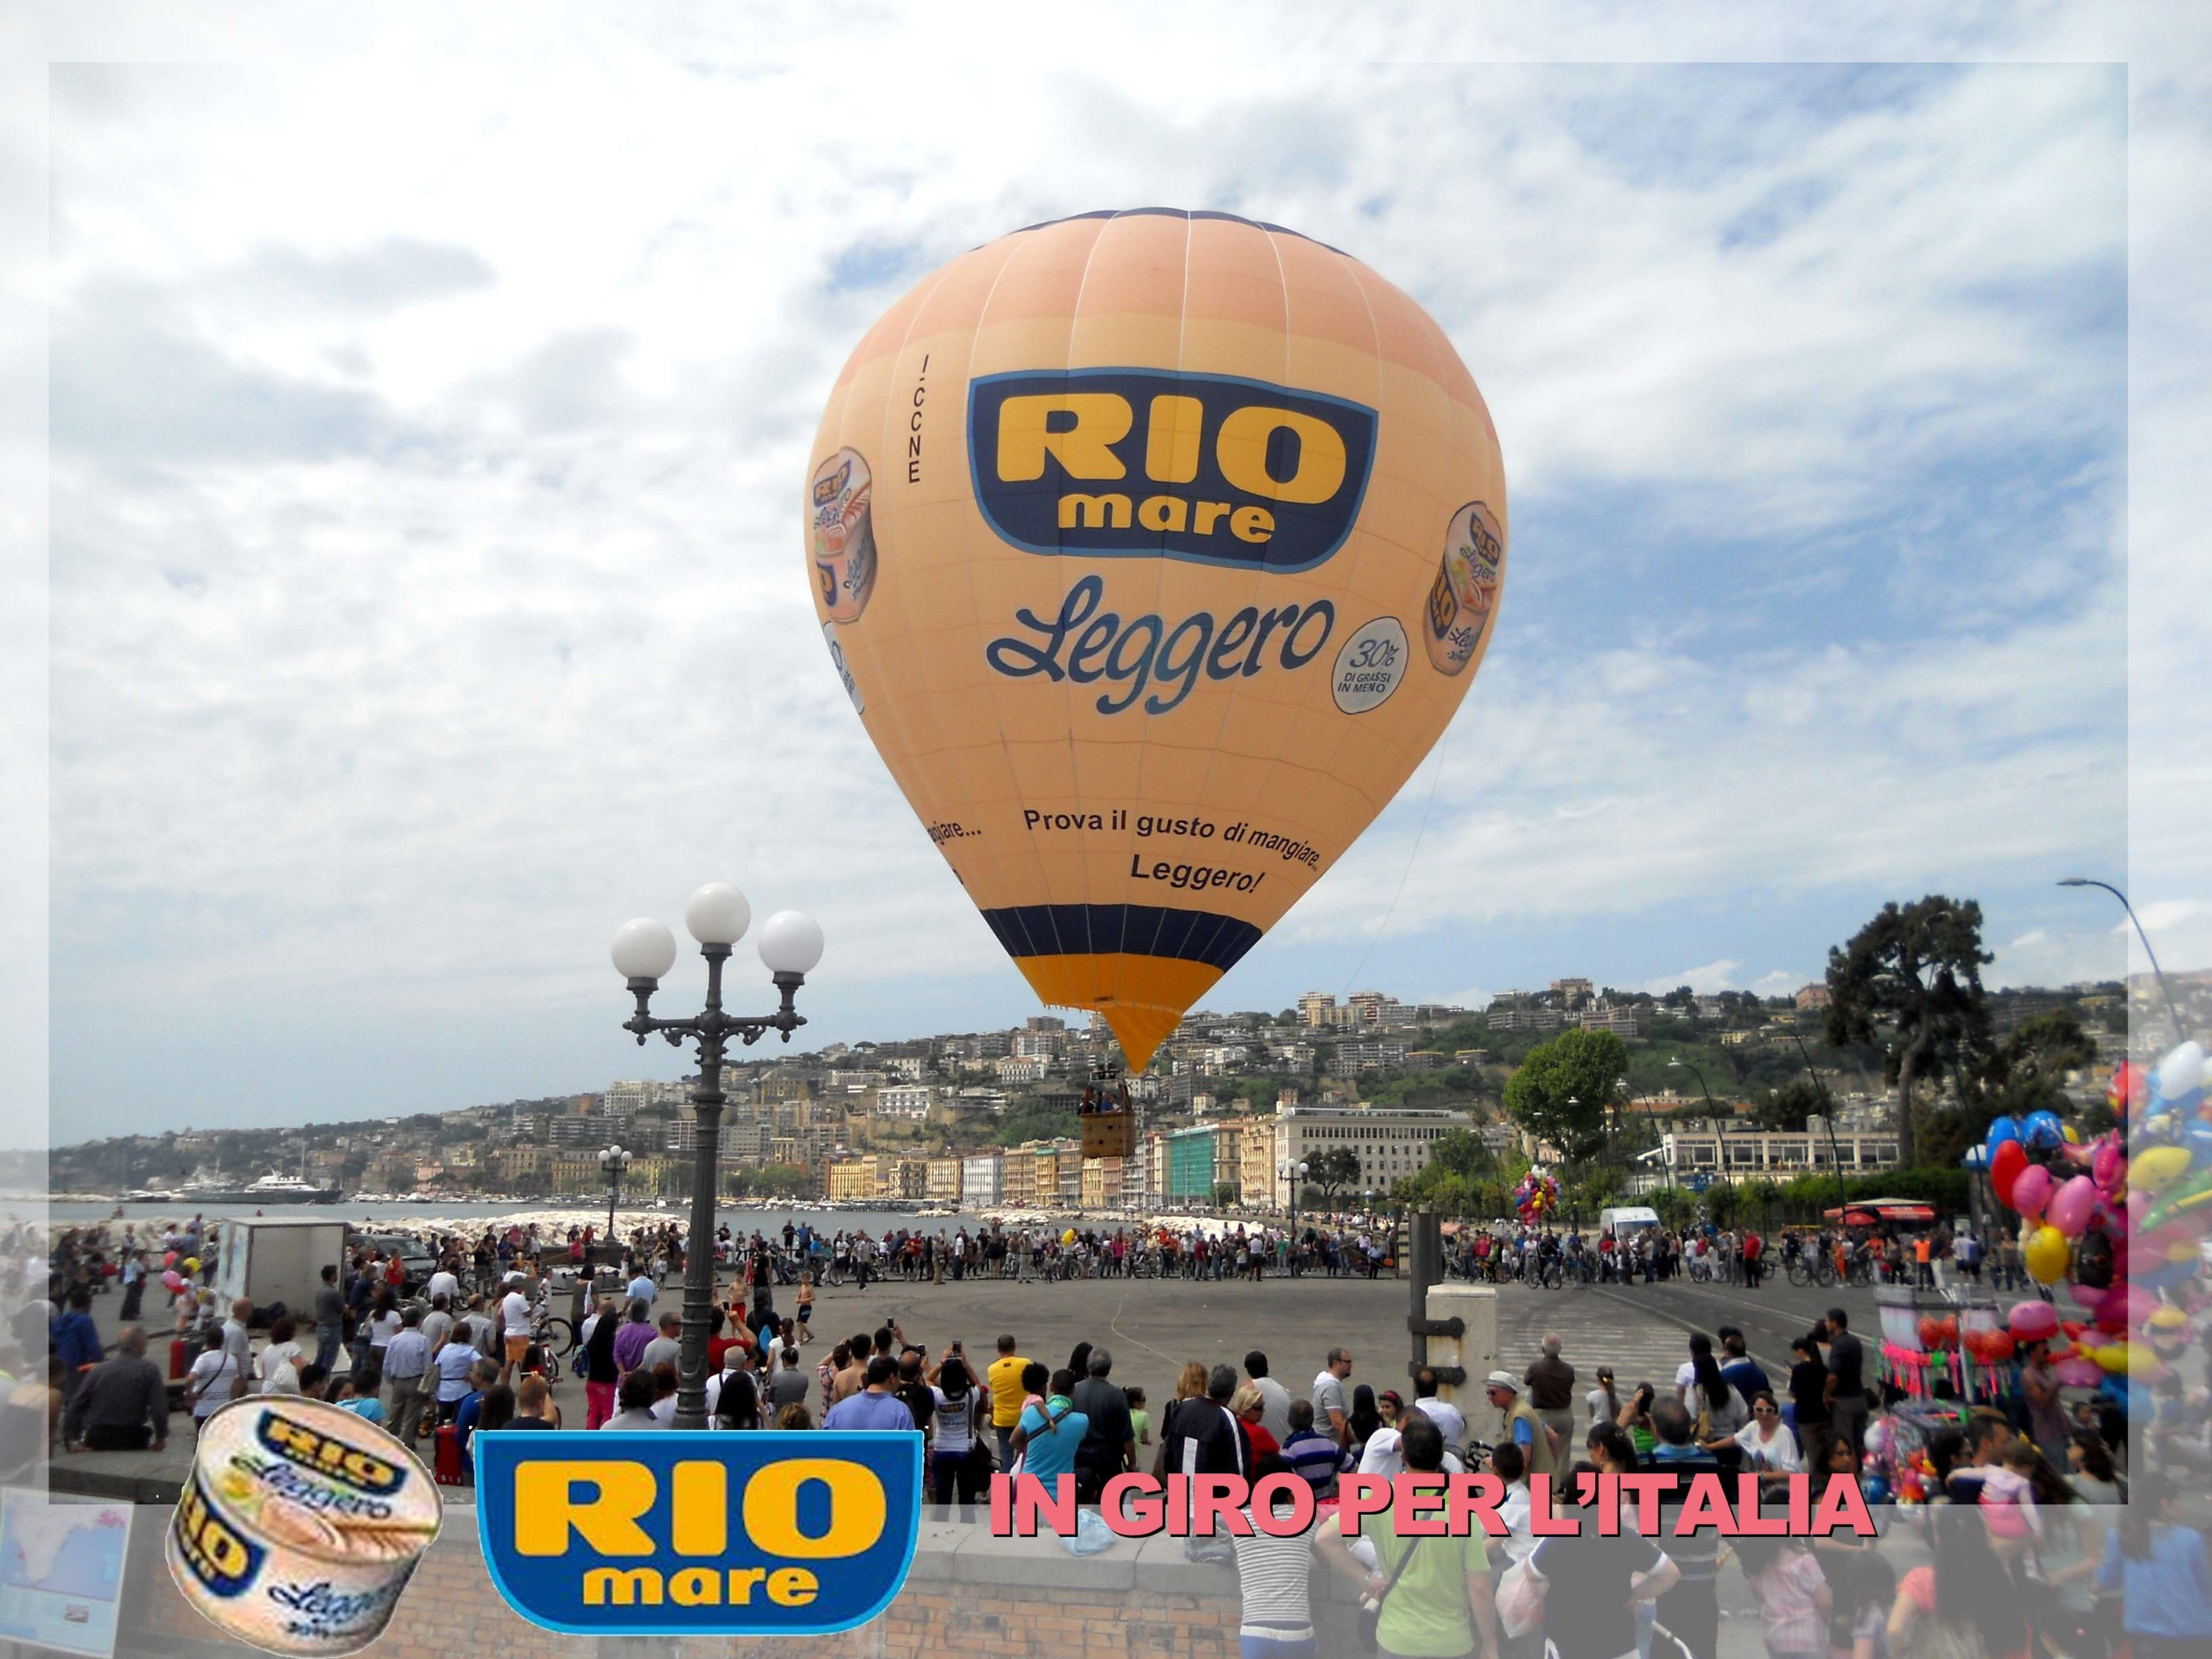 Noleggio mongolfiere per eventi come Rio Mare